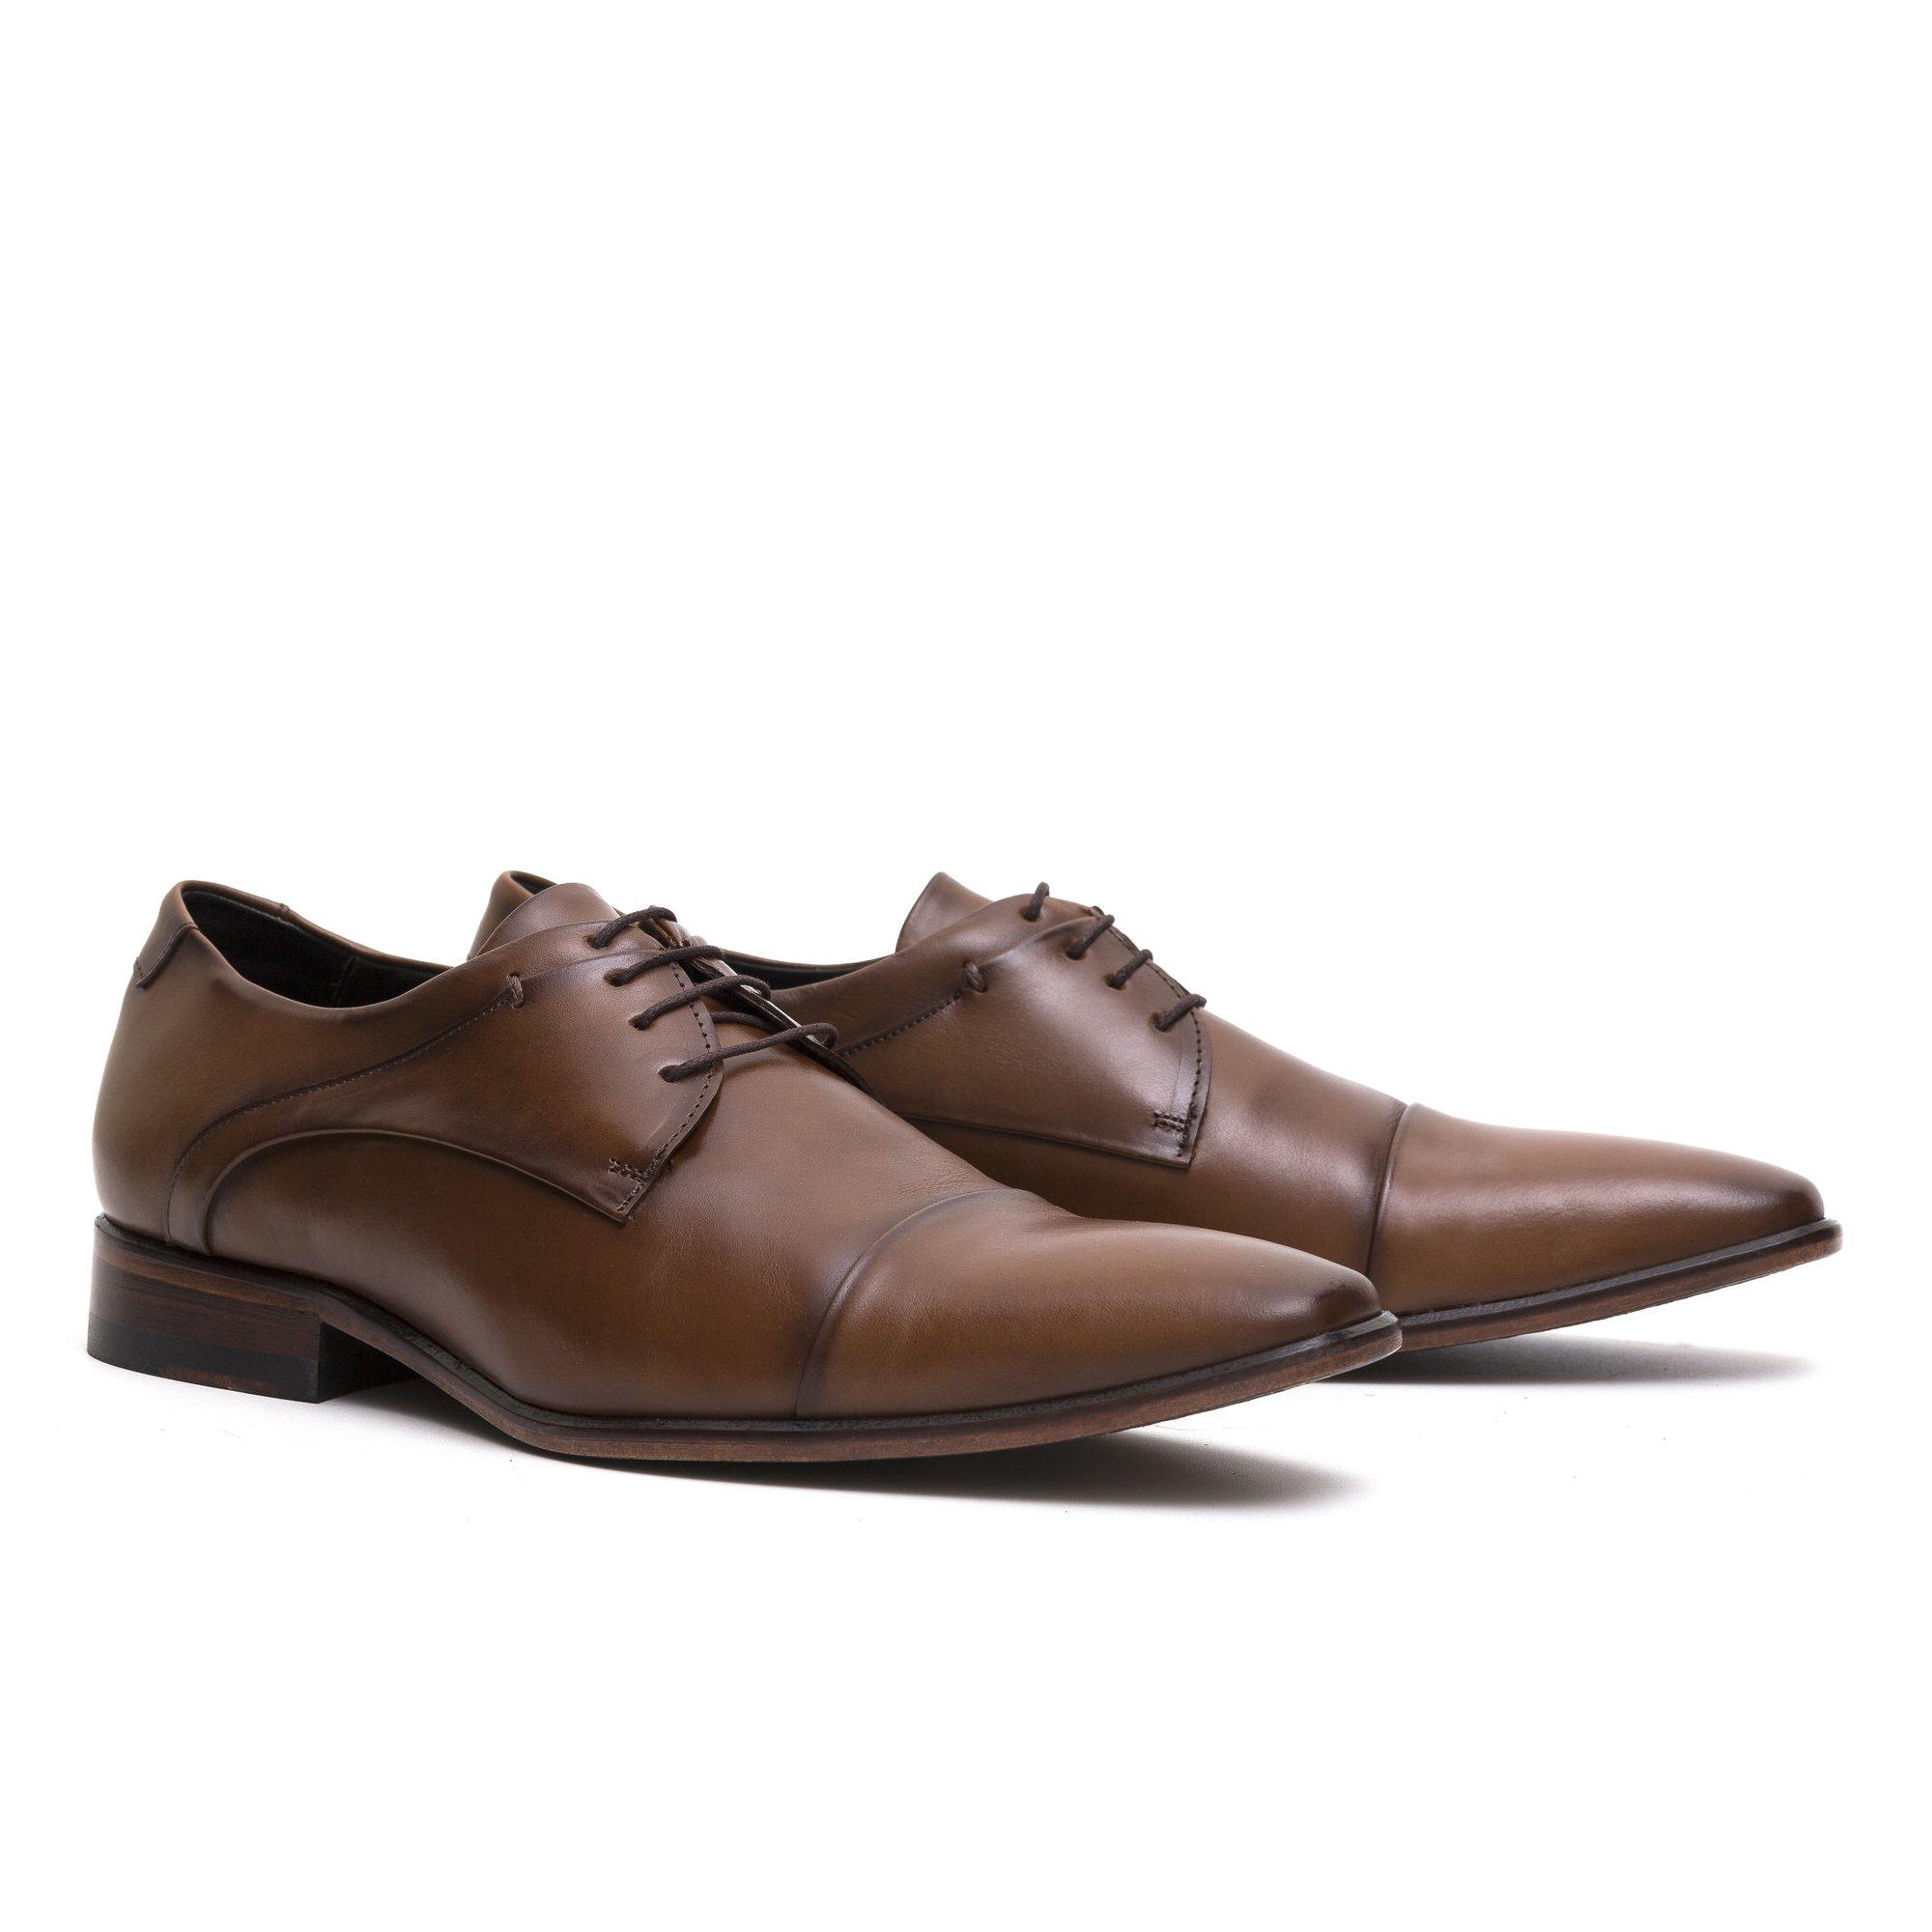 Sapato Social Derby Whisky Couro Legítimo Monbran Dressy Jack 032300W